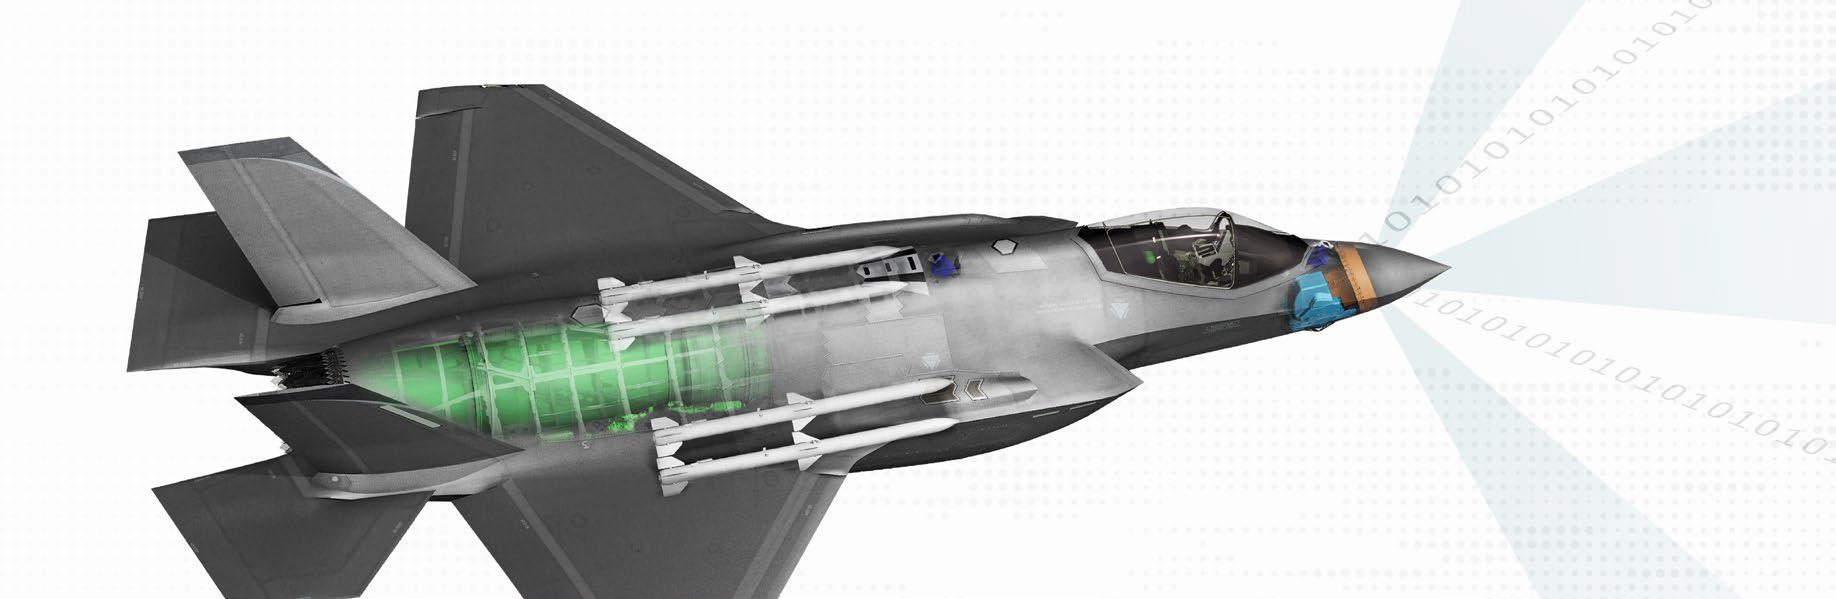 F-35 superiority